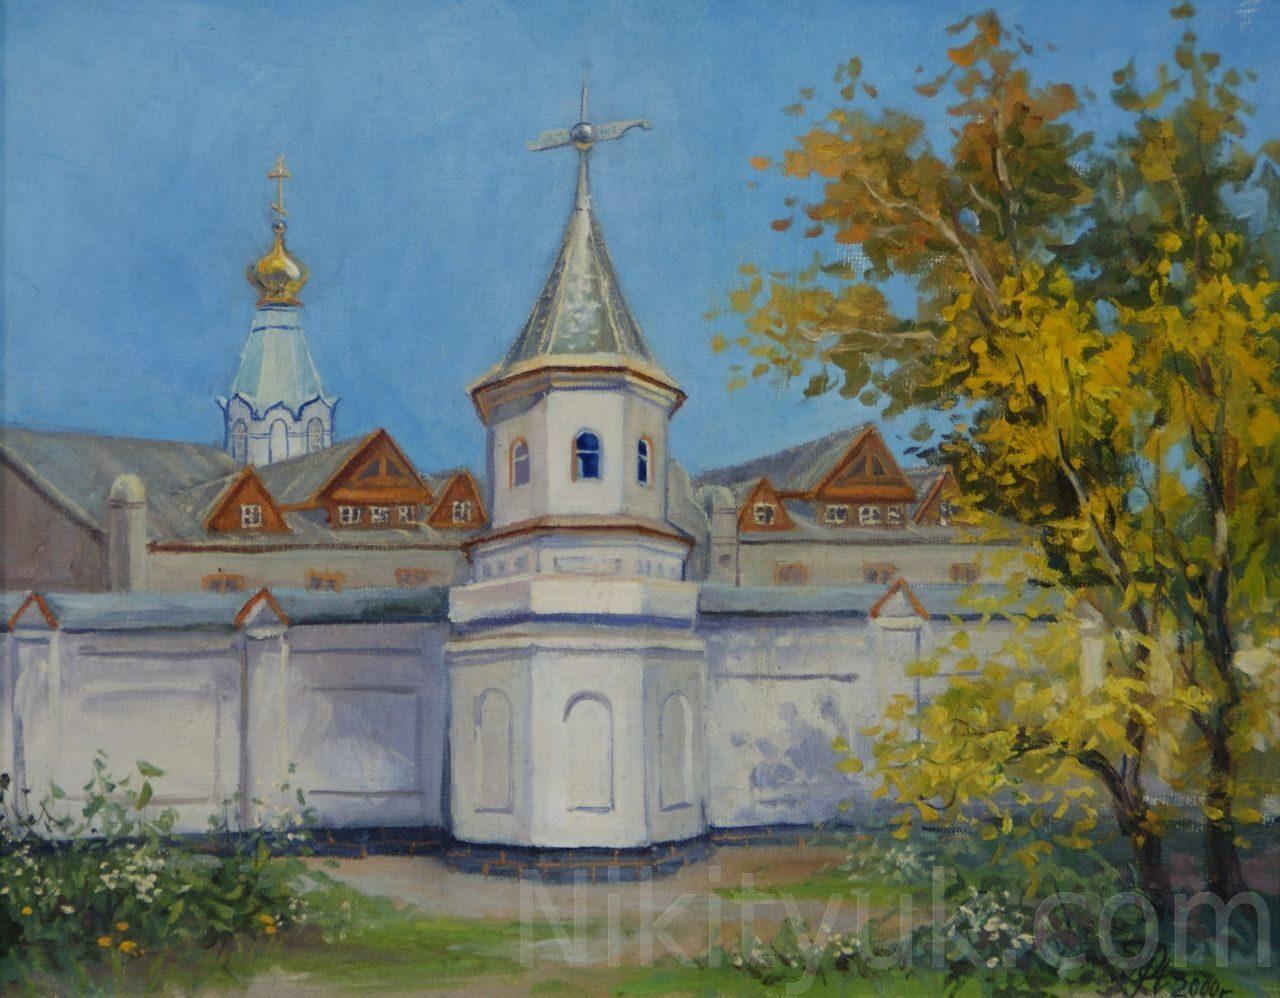 Барнаульская епархия. х.м. 40х50см. 2000г. 8 000 руб., в наличии